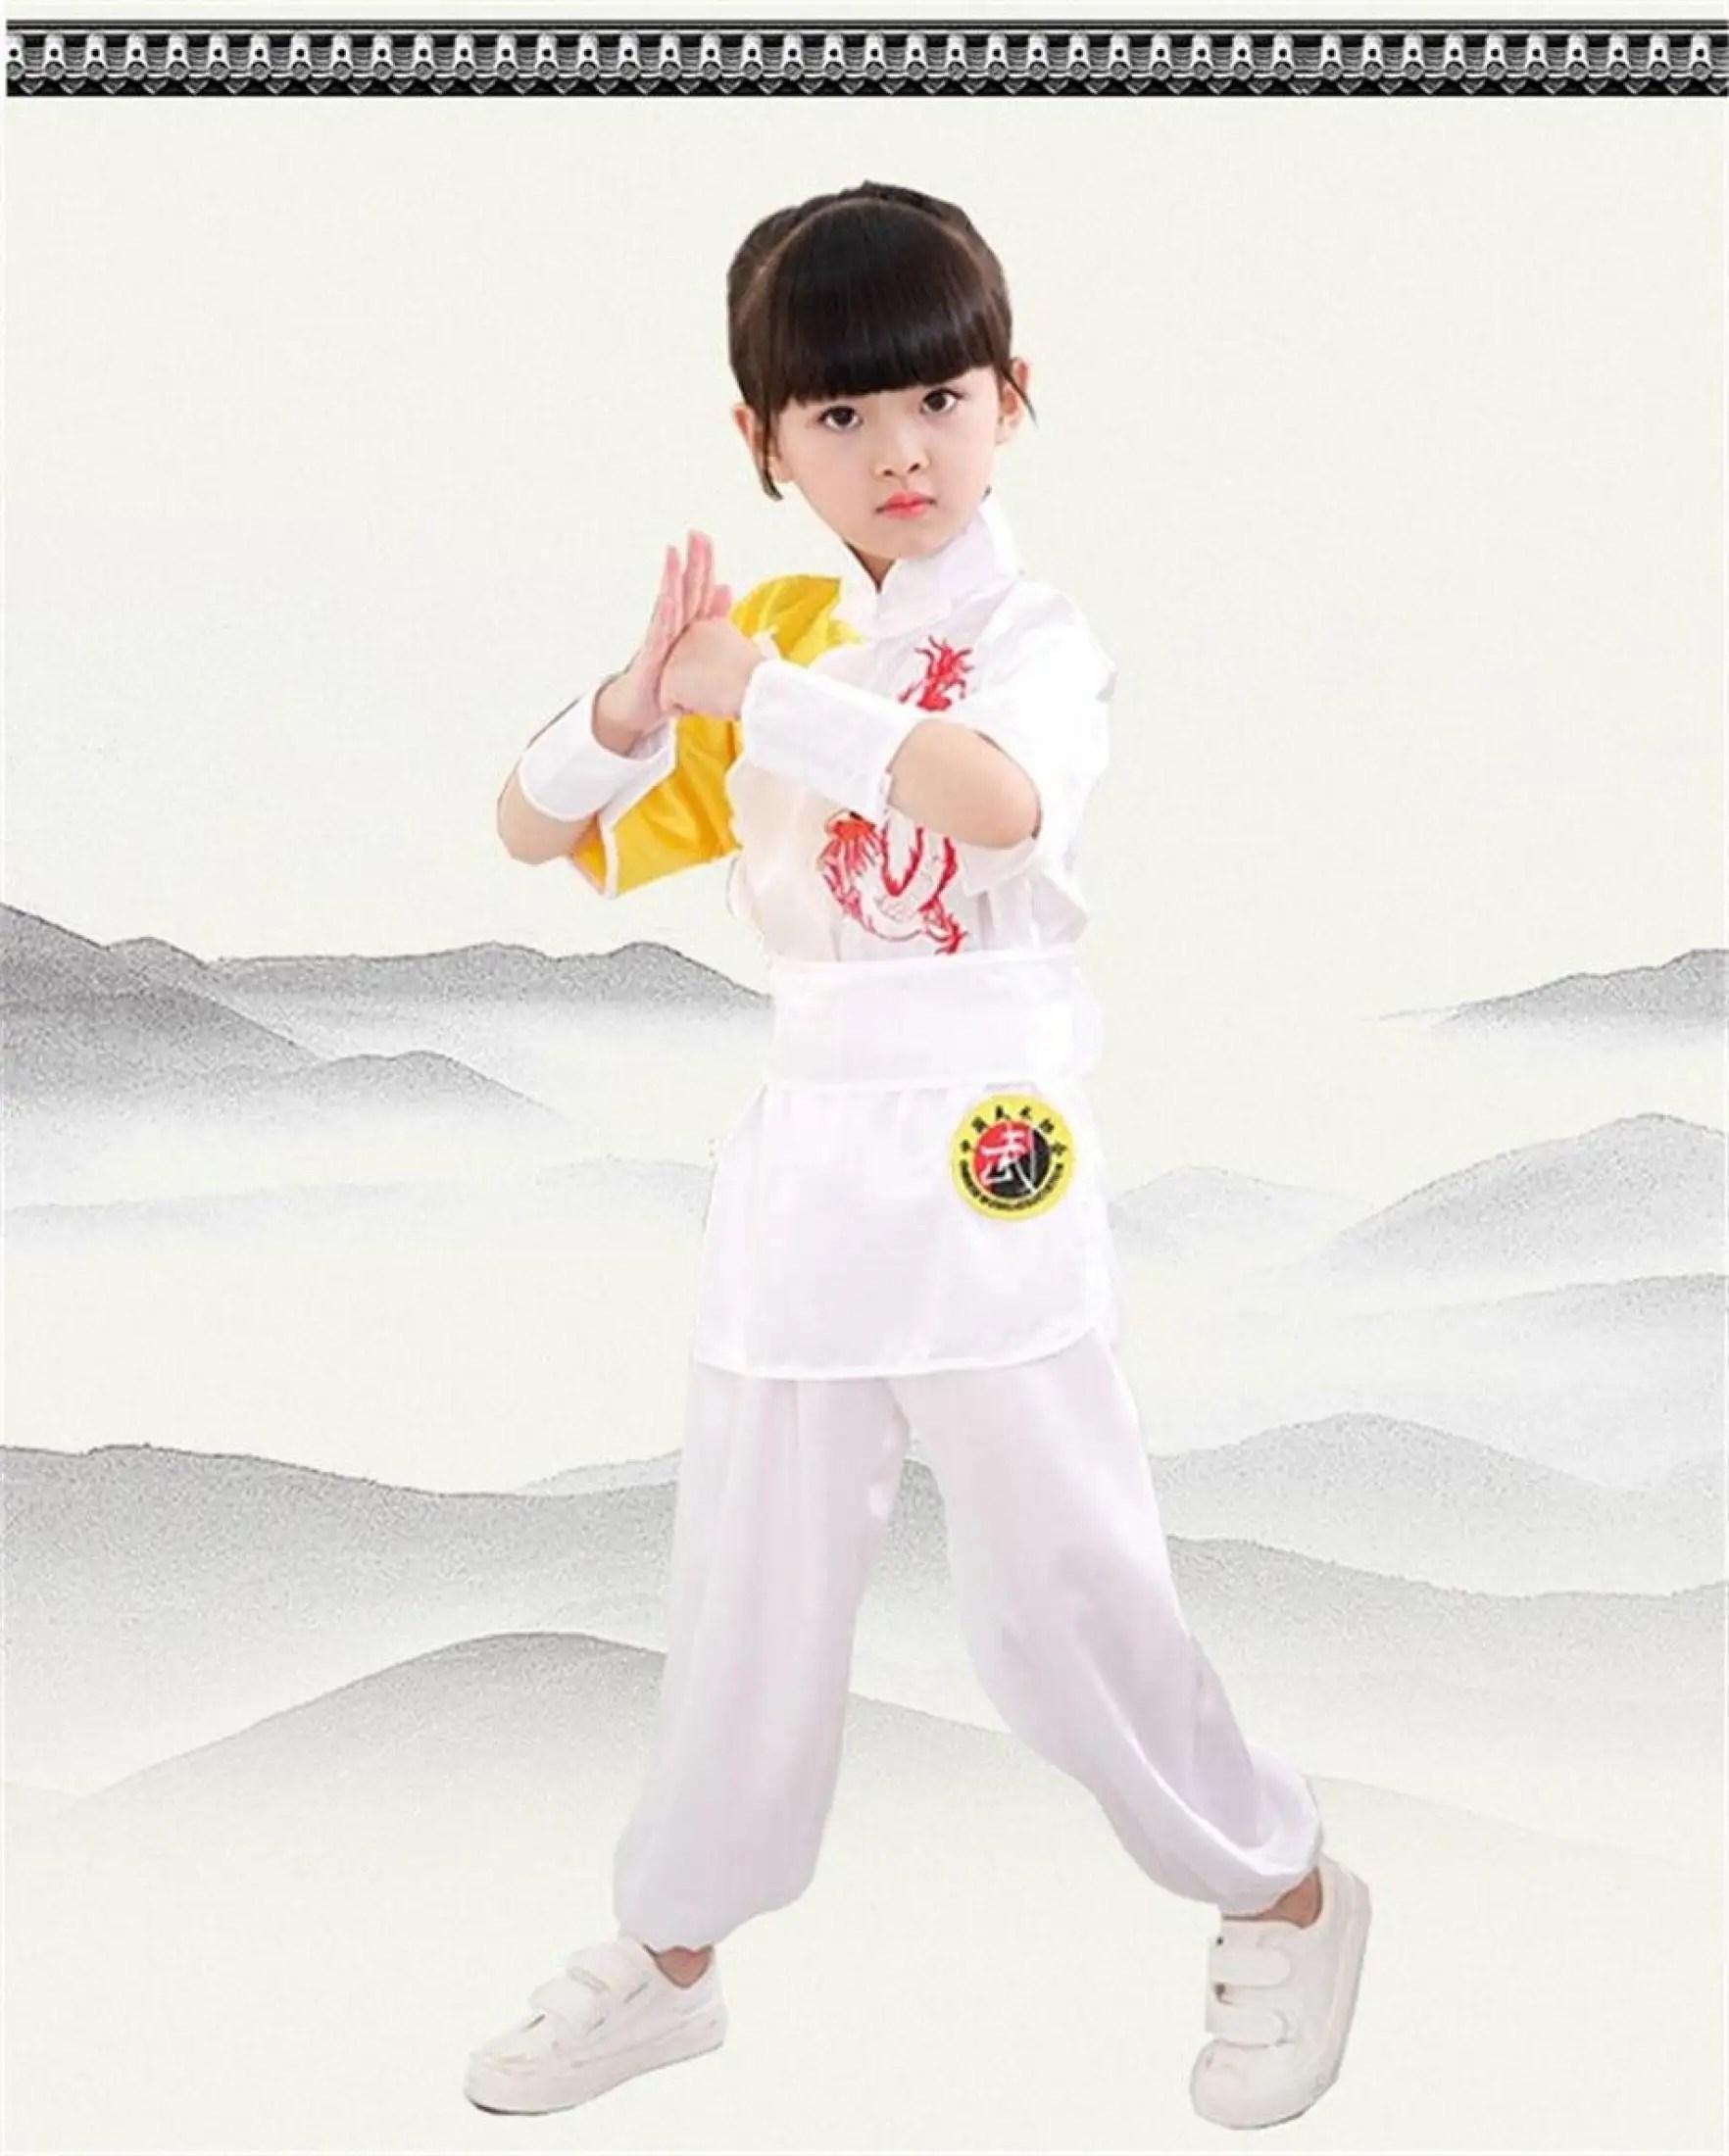 Beladiri Cina : beladiri, Pakaian, Tradisional, Anak-anak, Kungfu, Wushu, Seragam, Beladiri, Panggung, Pertunjukan, Kostum, Lazada, Indonesia